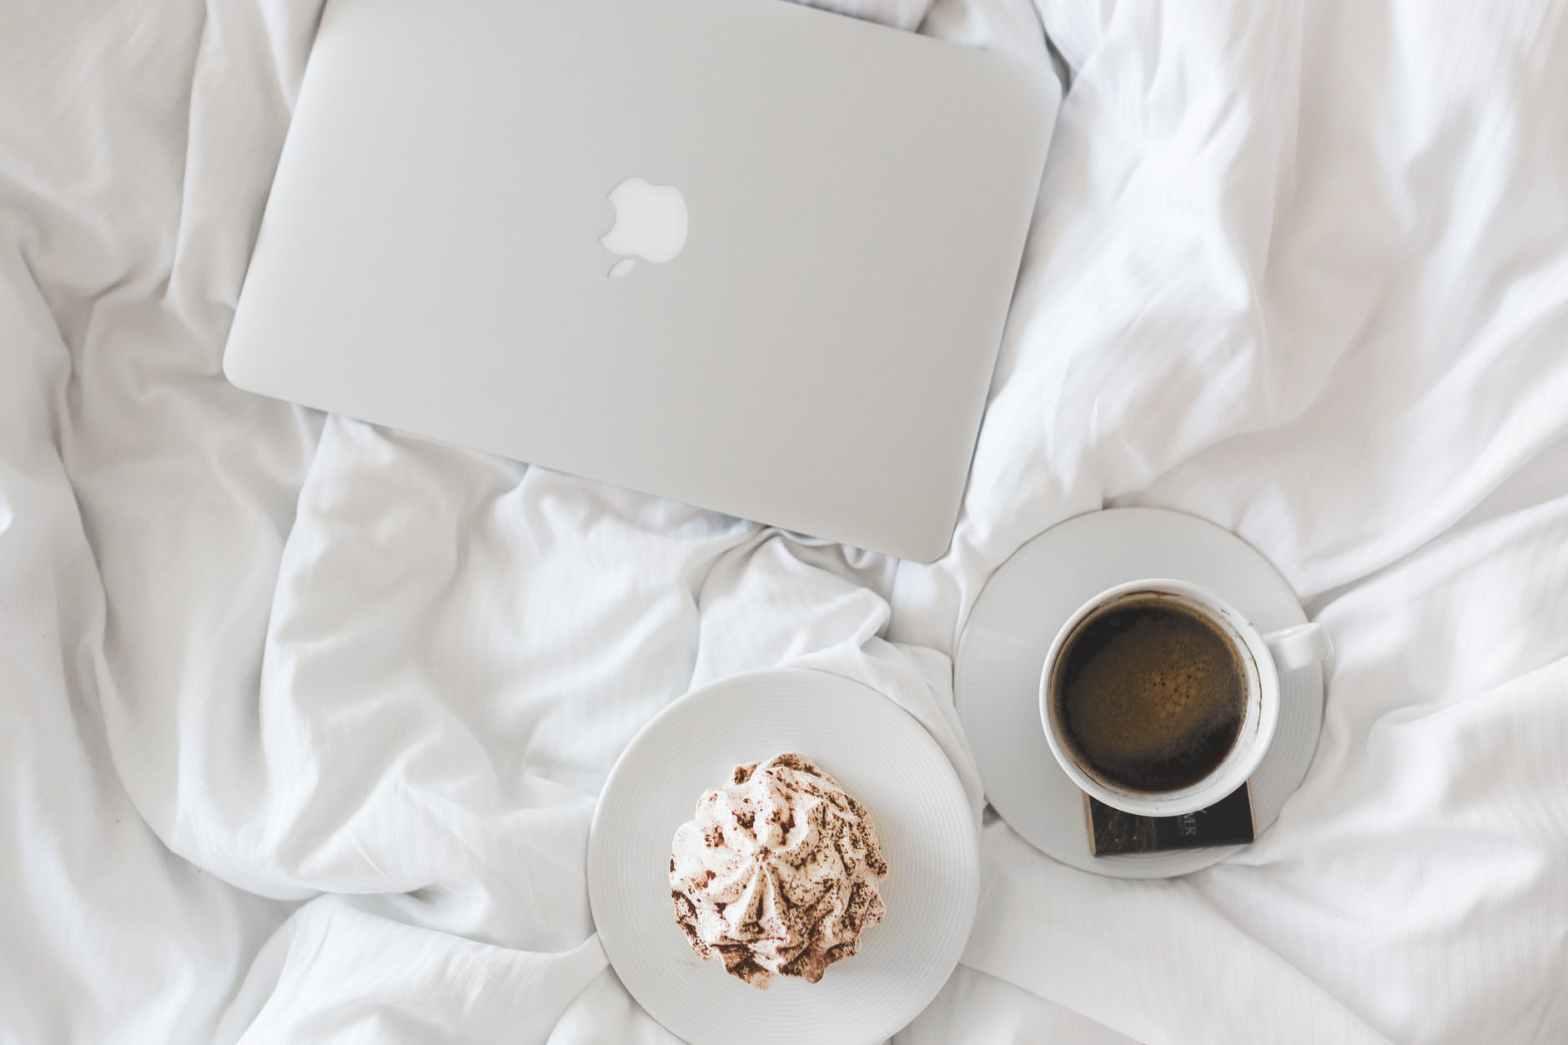 vue en contre-plongée sur un lit à la couette blanche comportant une boisson chaude et une pâtisserie